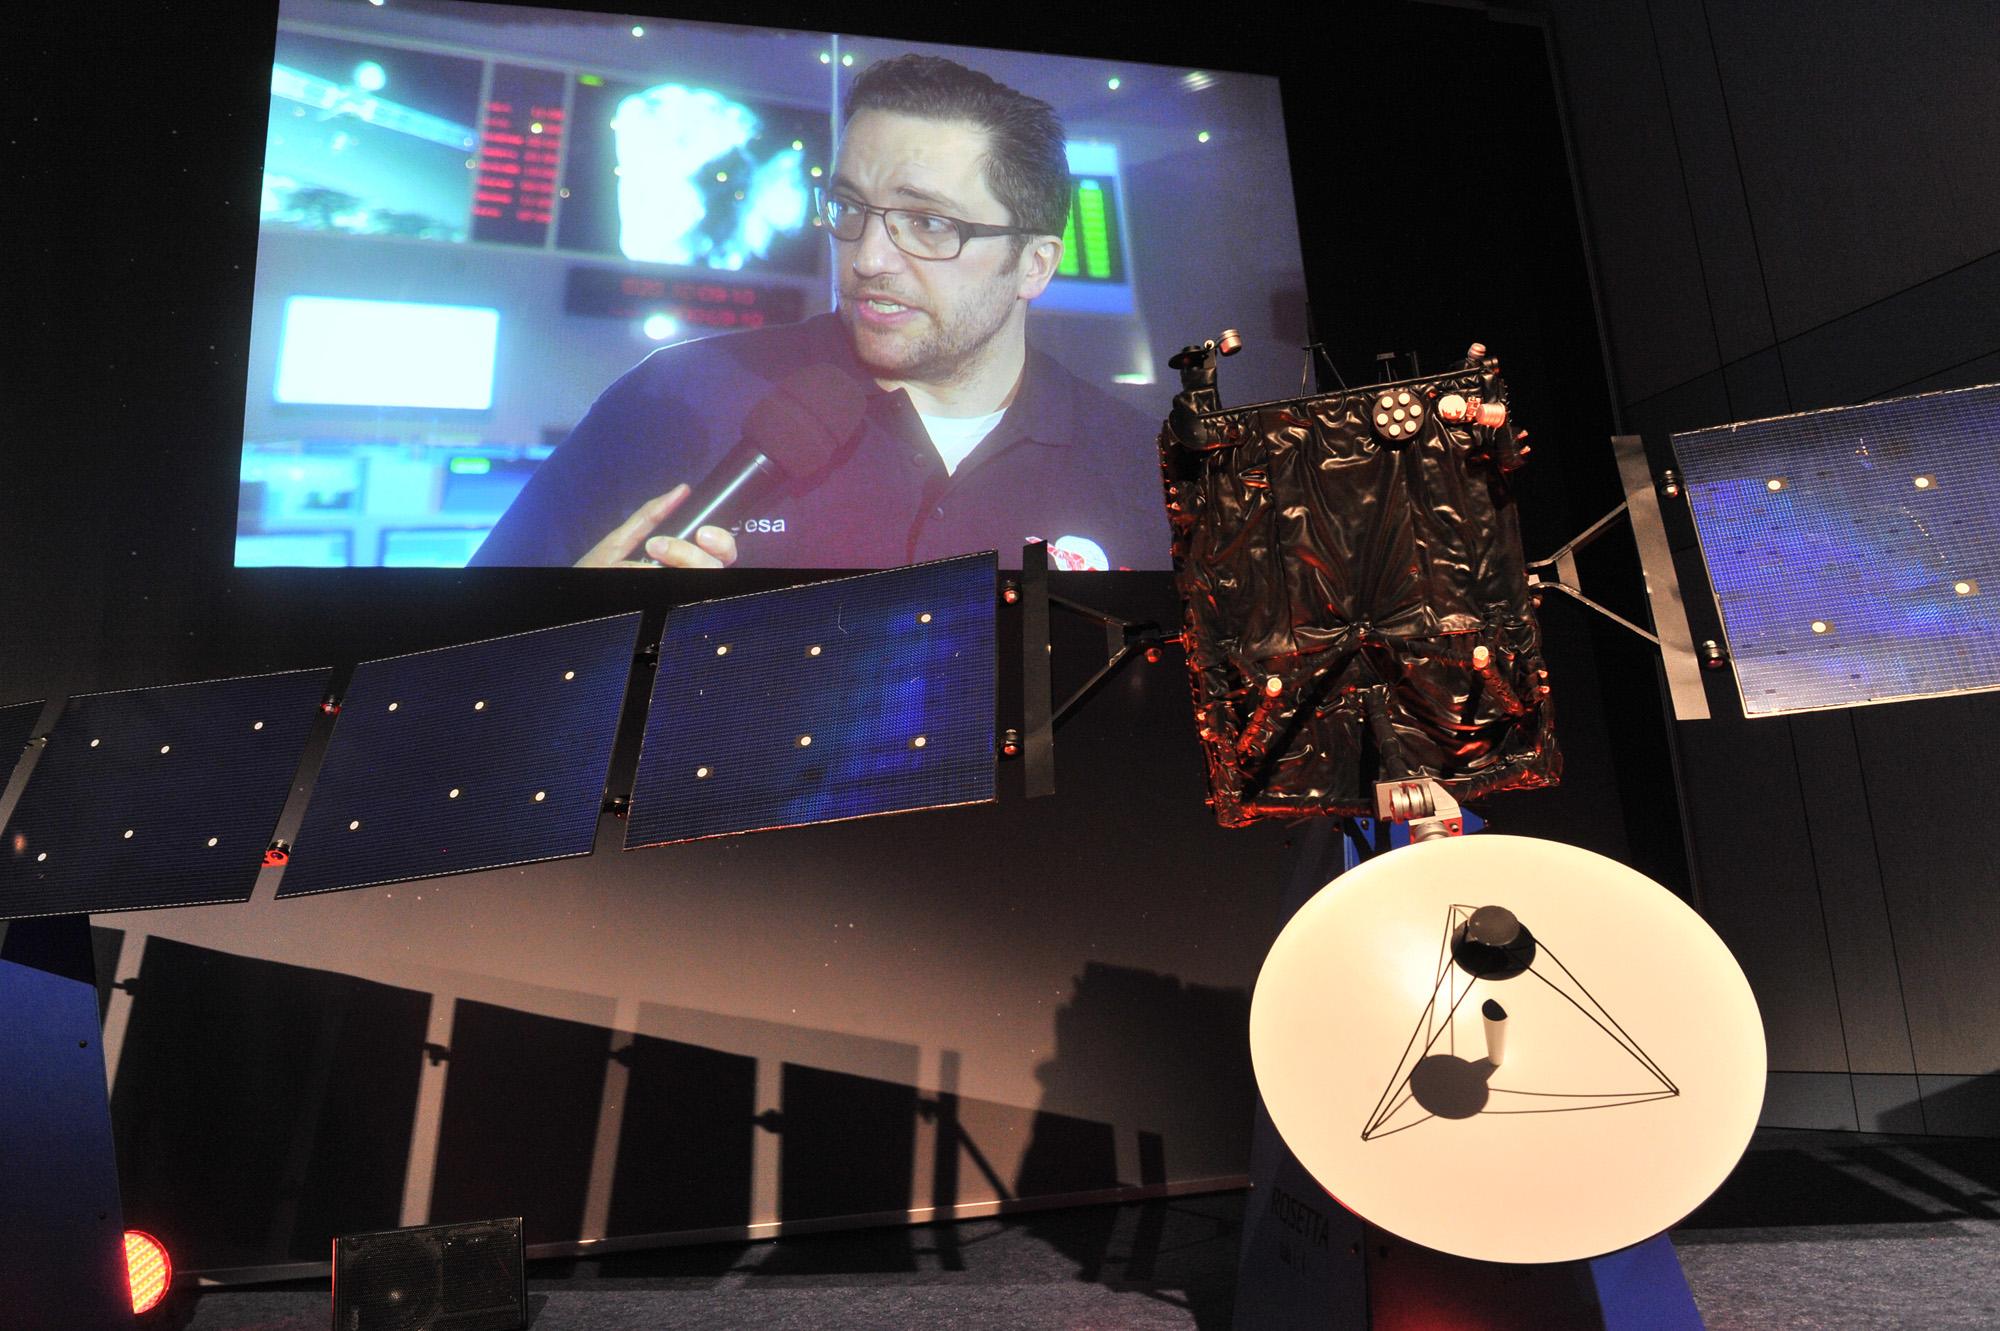 Rosetta's Wake Up Day: Project Scientist Matt Taylor